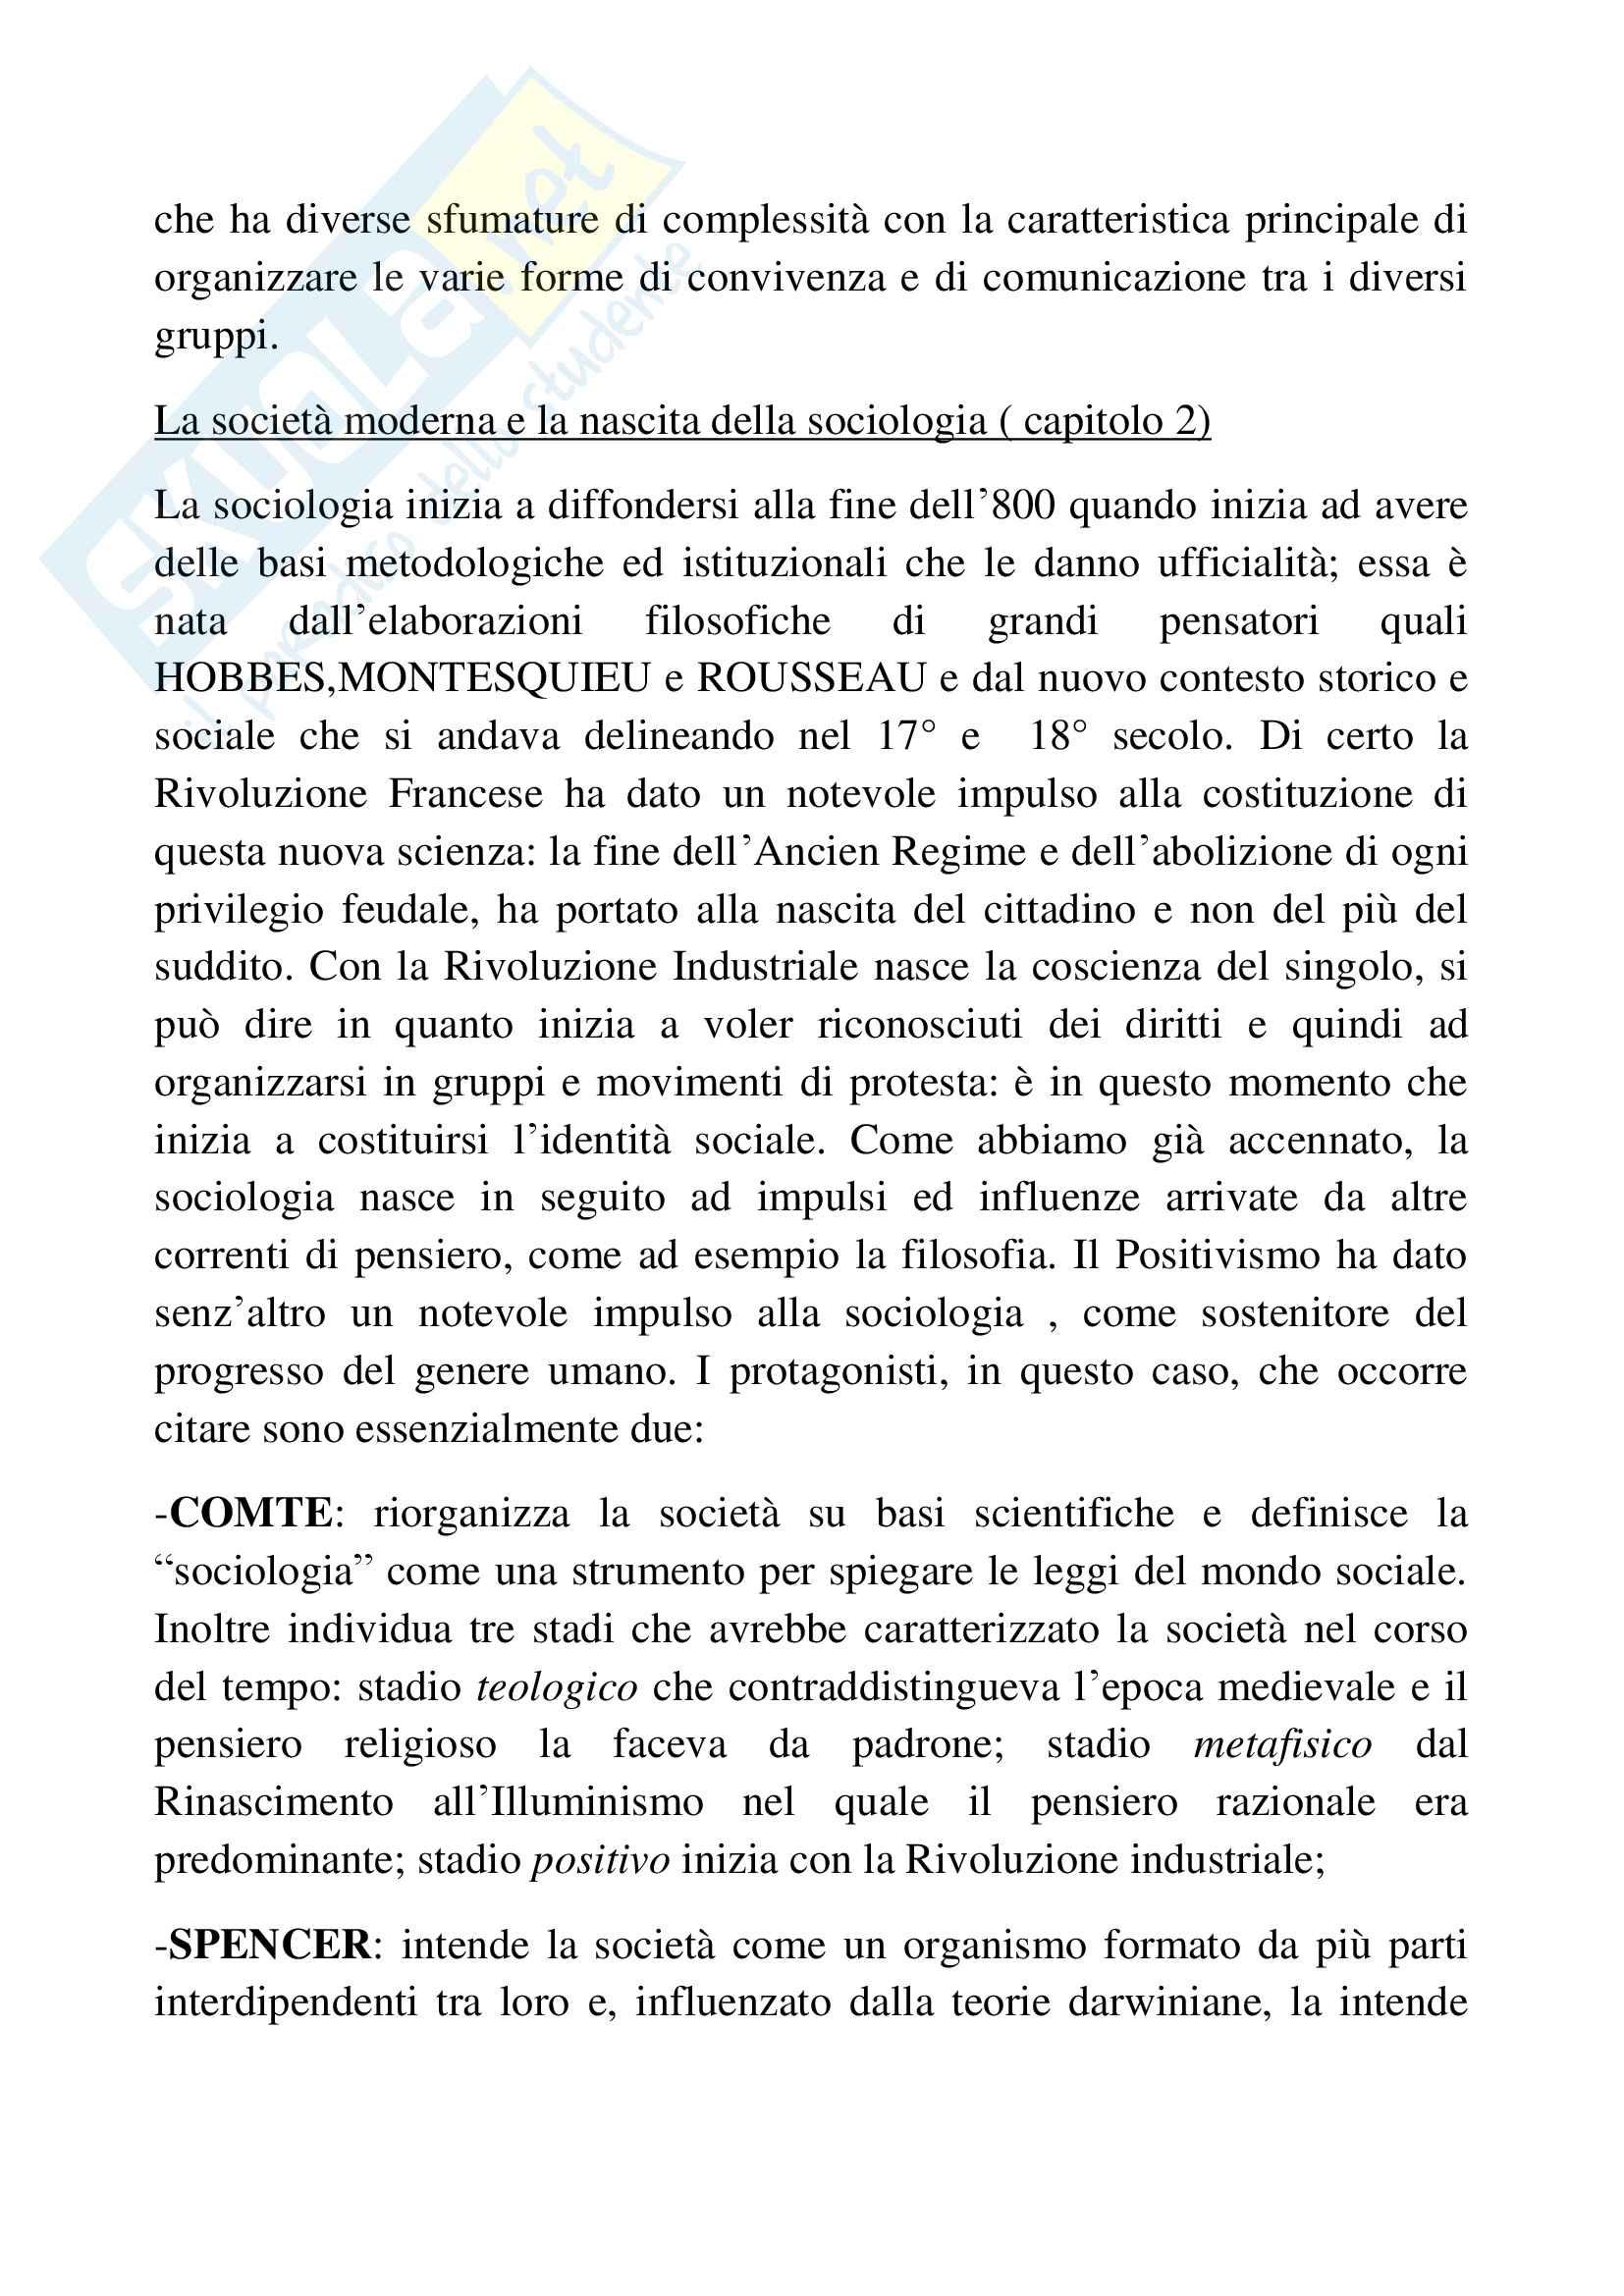 Riassunto esame sociologia generale, docente Pizzo, libro consigliato Sociologia generale, Ambrosini, Sciolla Pag. 2